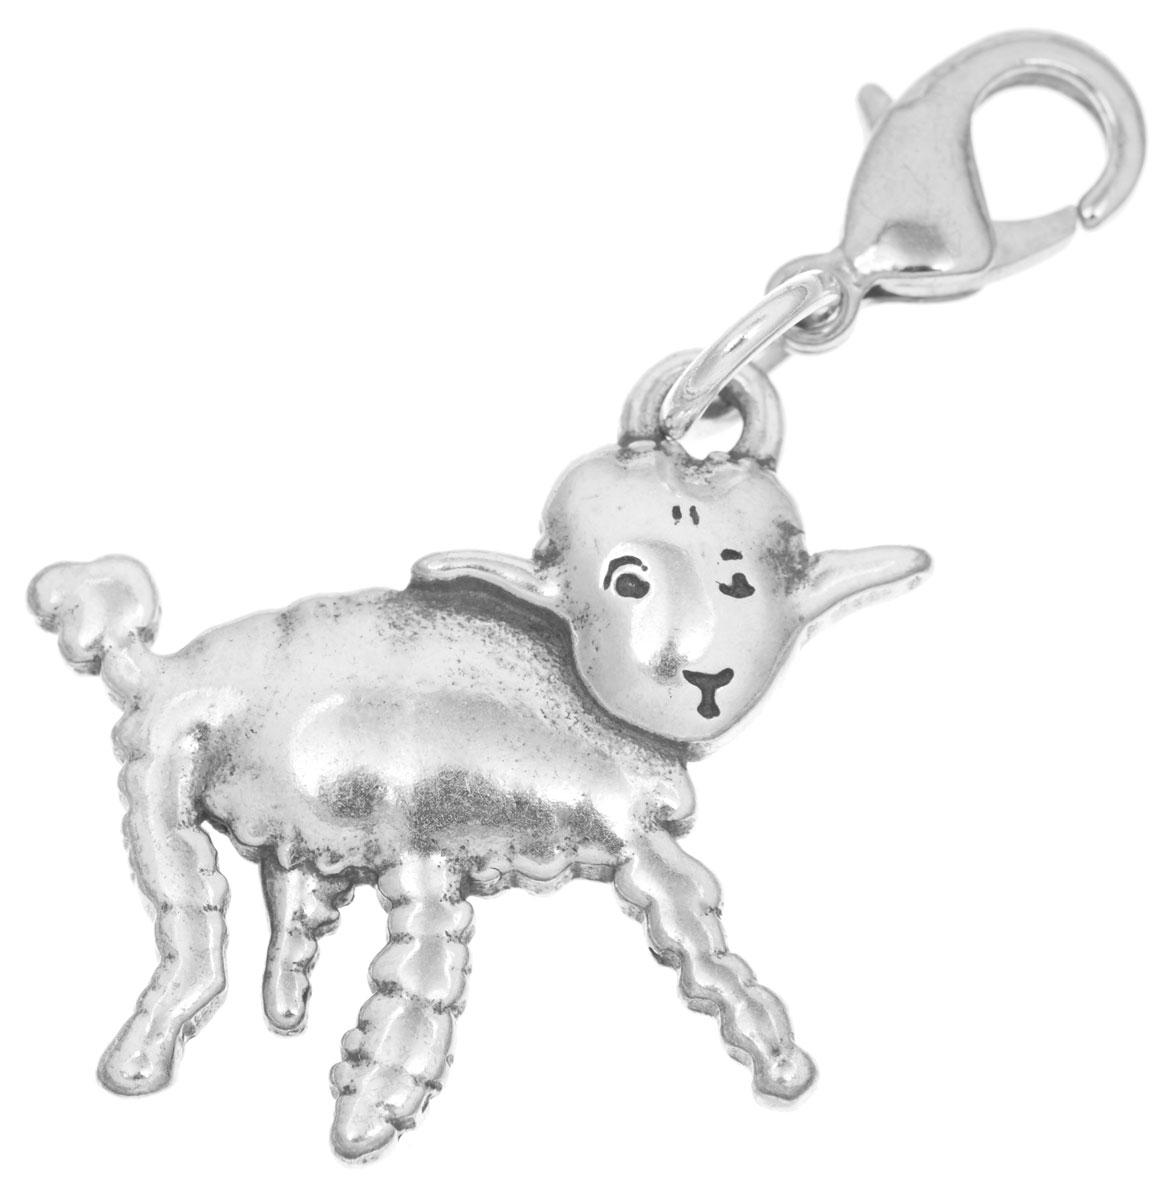 Брелок Jenavi Барашек, цвет: серебряный. r6493b90r6493b90Изящный брелок Jenavi Барашек выполнен в виде овечки из ювелирного сплава с покрытием из черненого серебра. Изделие дополнено надежным карабином для подвешивания. Брелок Jenavi Барашек послужит отличным подарком близкому человеку, родственнику или другу, а также подарит приятные мгновения и окунет вас в лучшие воспоминания.